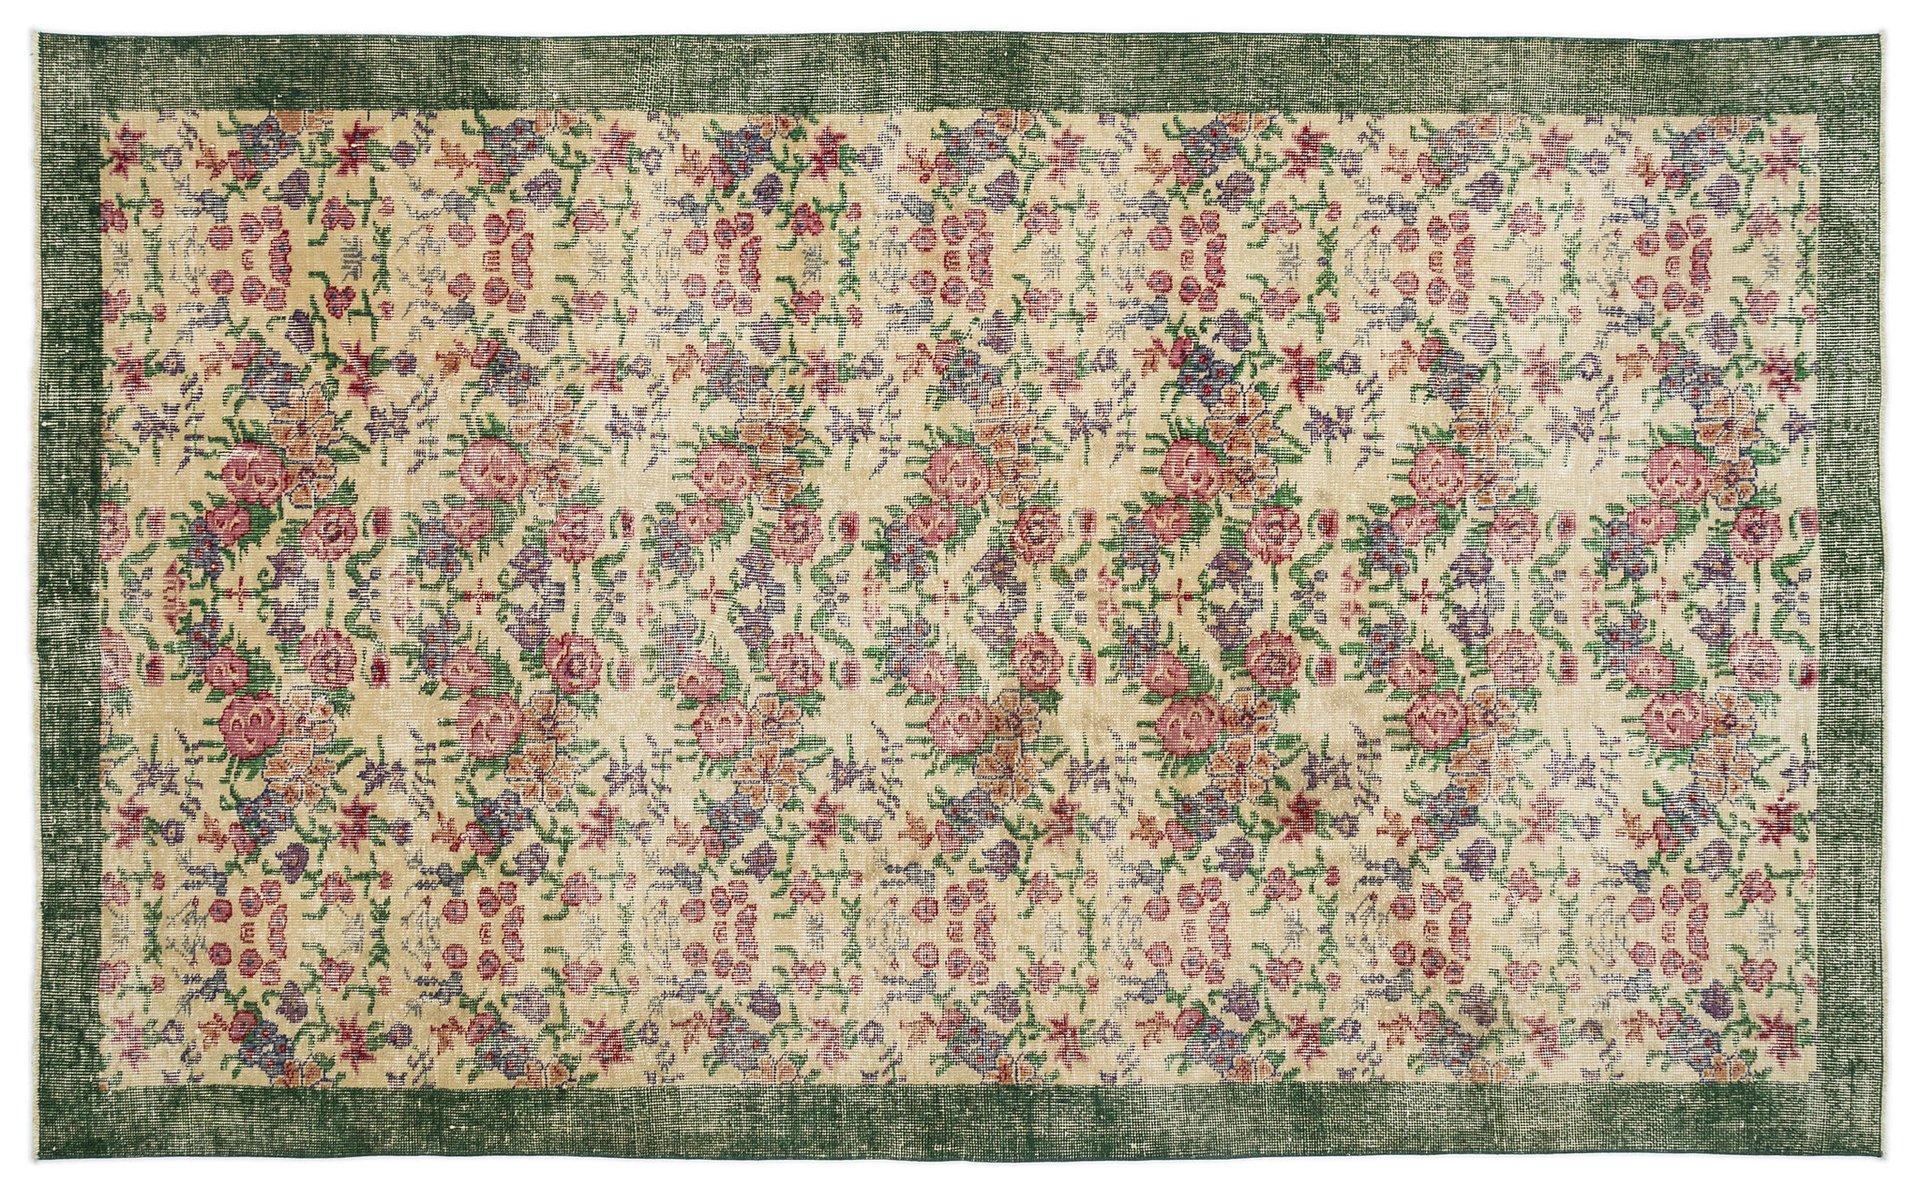 Türkischer Vintage Teppich in Grün und Beige mit Floralem Muster